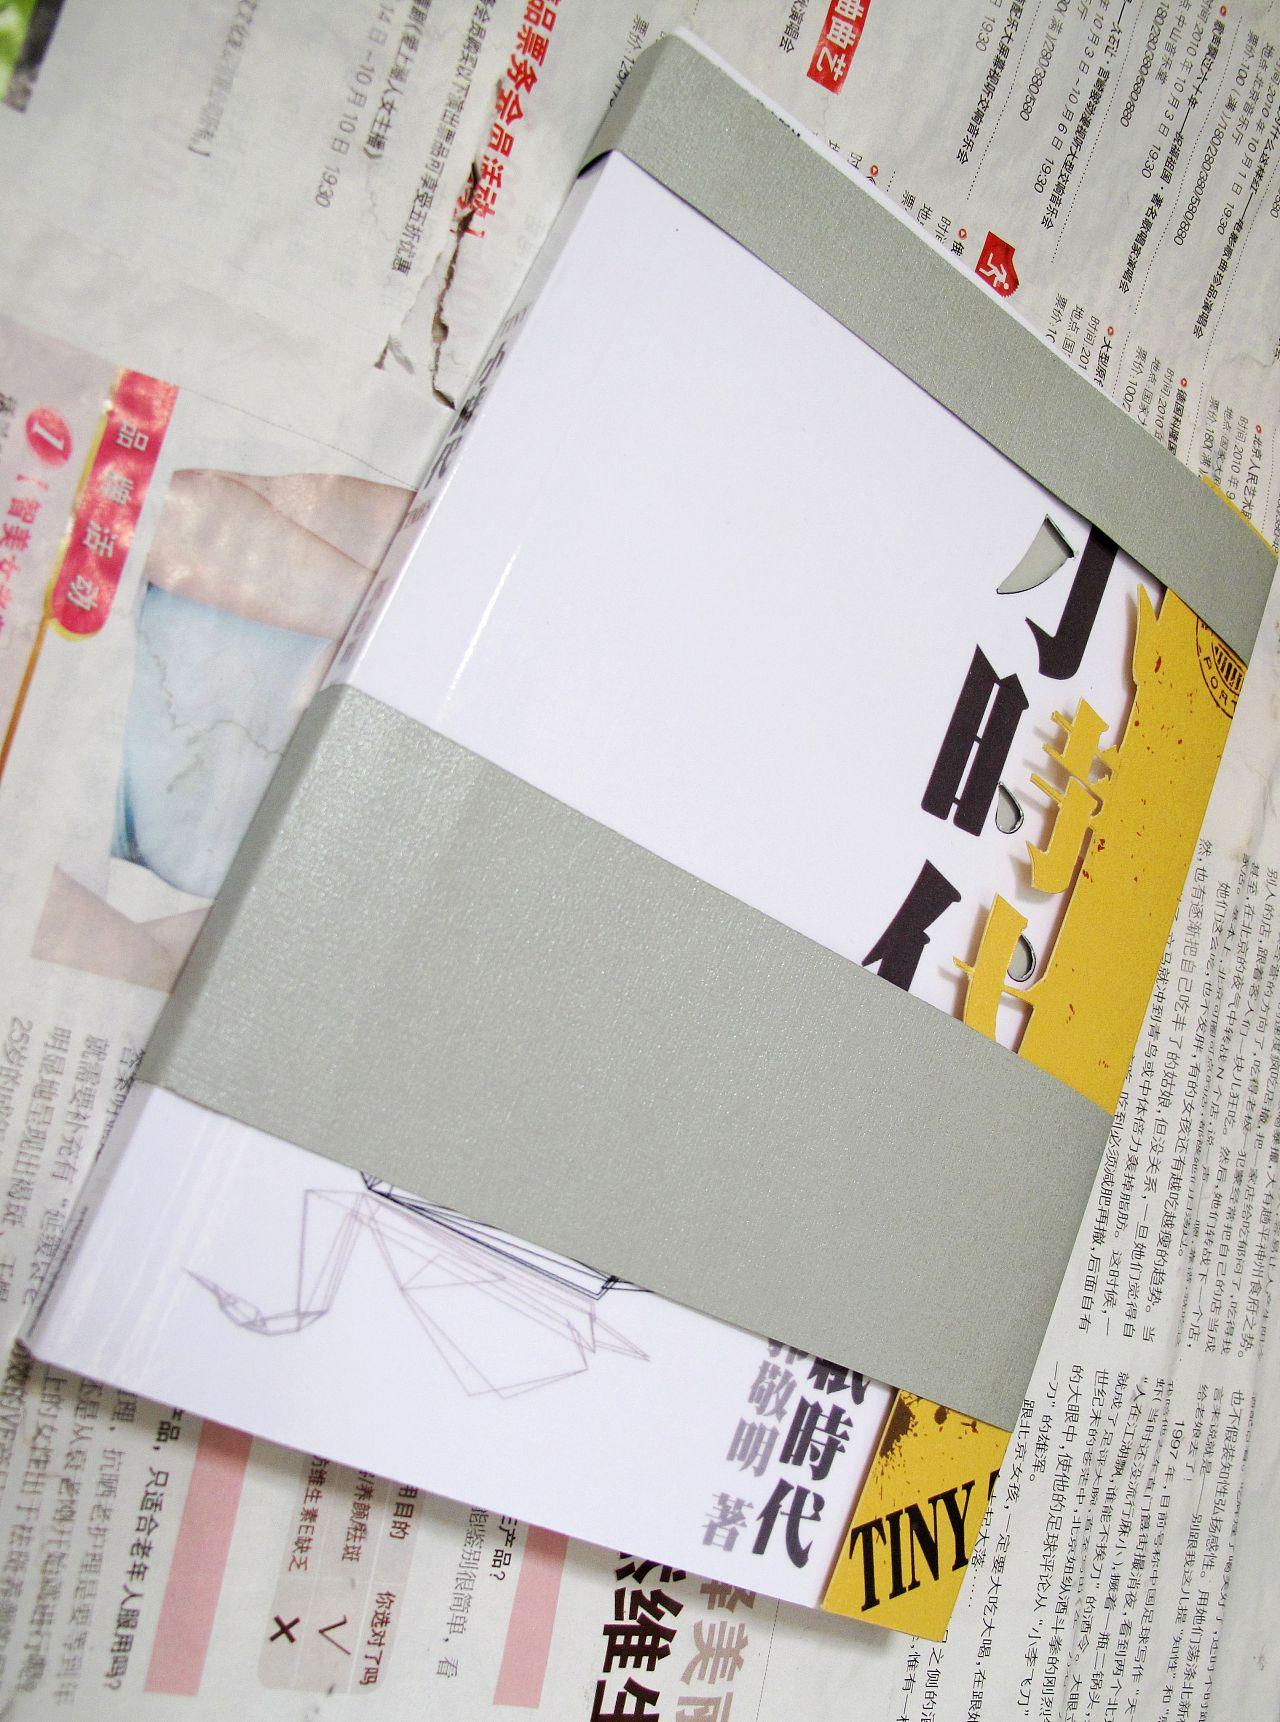 书籍装帧作品_书籍装帧课作业-翻做《小时代》装帧|平面|书装/画册|夏小伊 ...